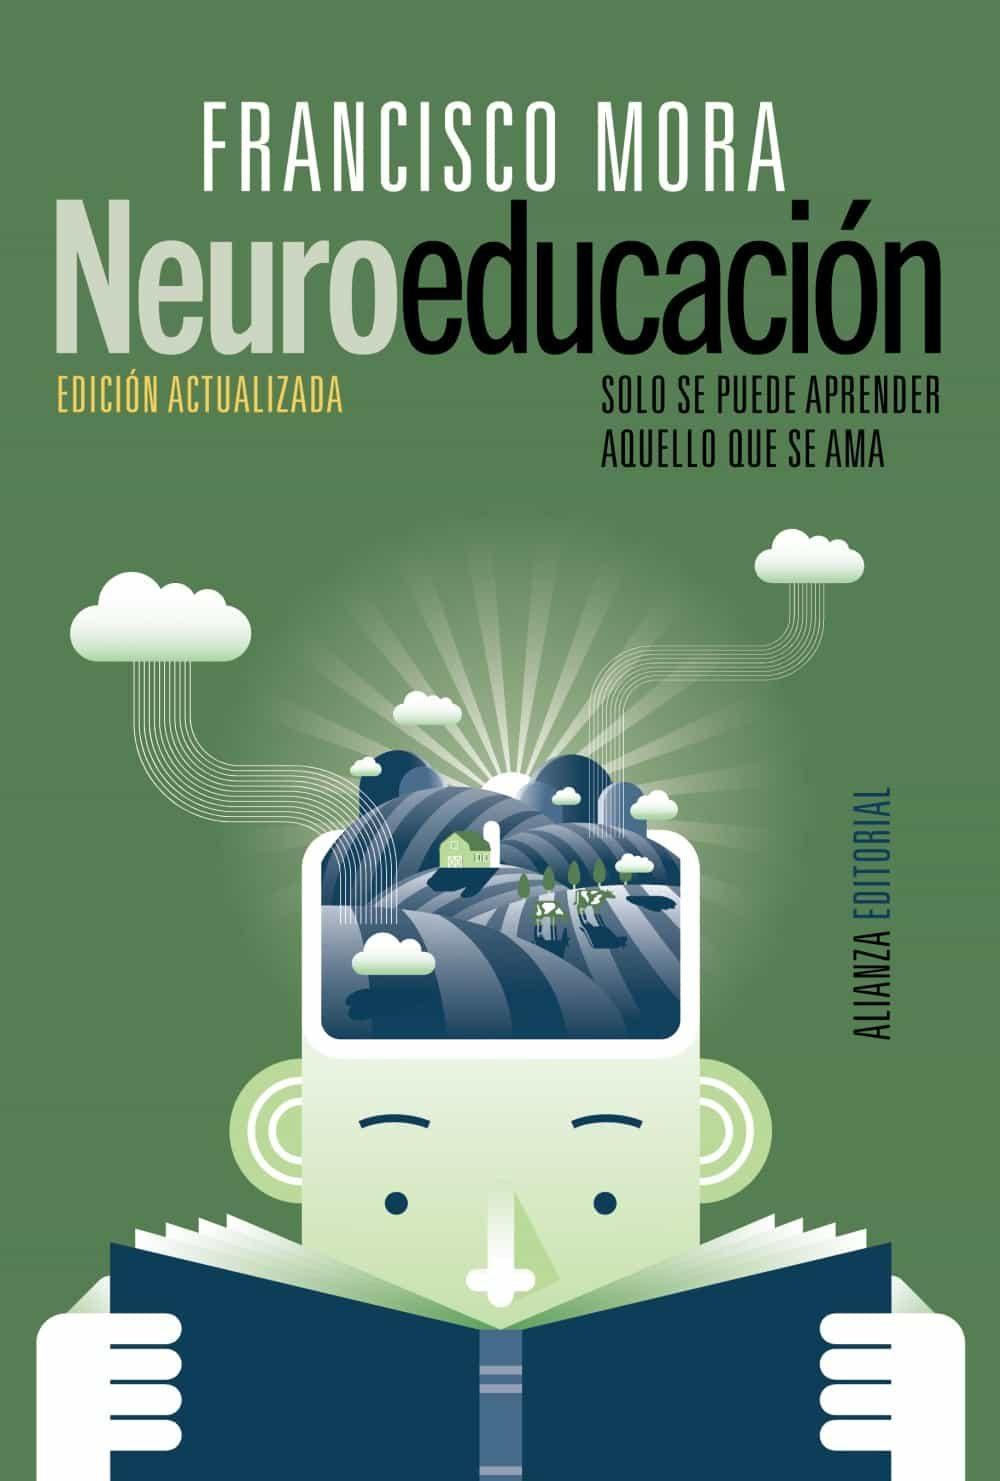 neuroeducacion: solo se puede aprender aquello que se ama-francisco mora-9788491047803